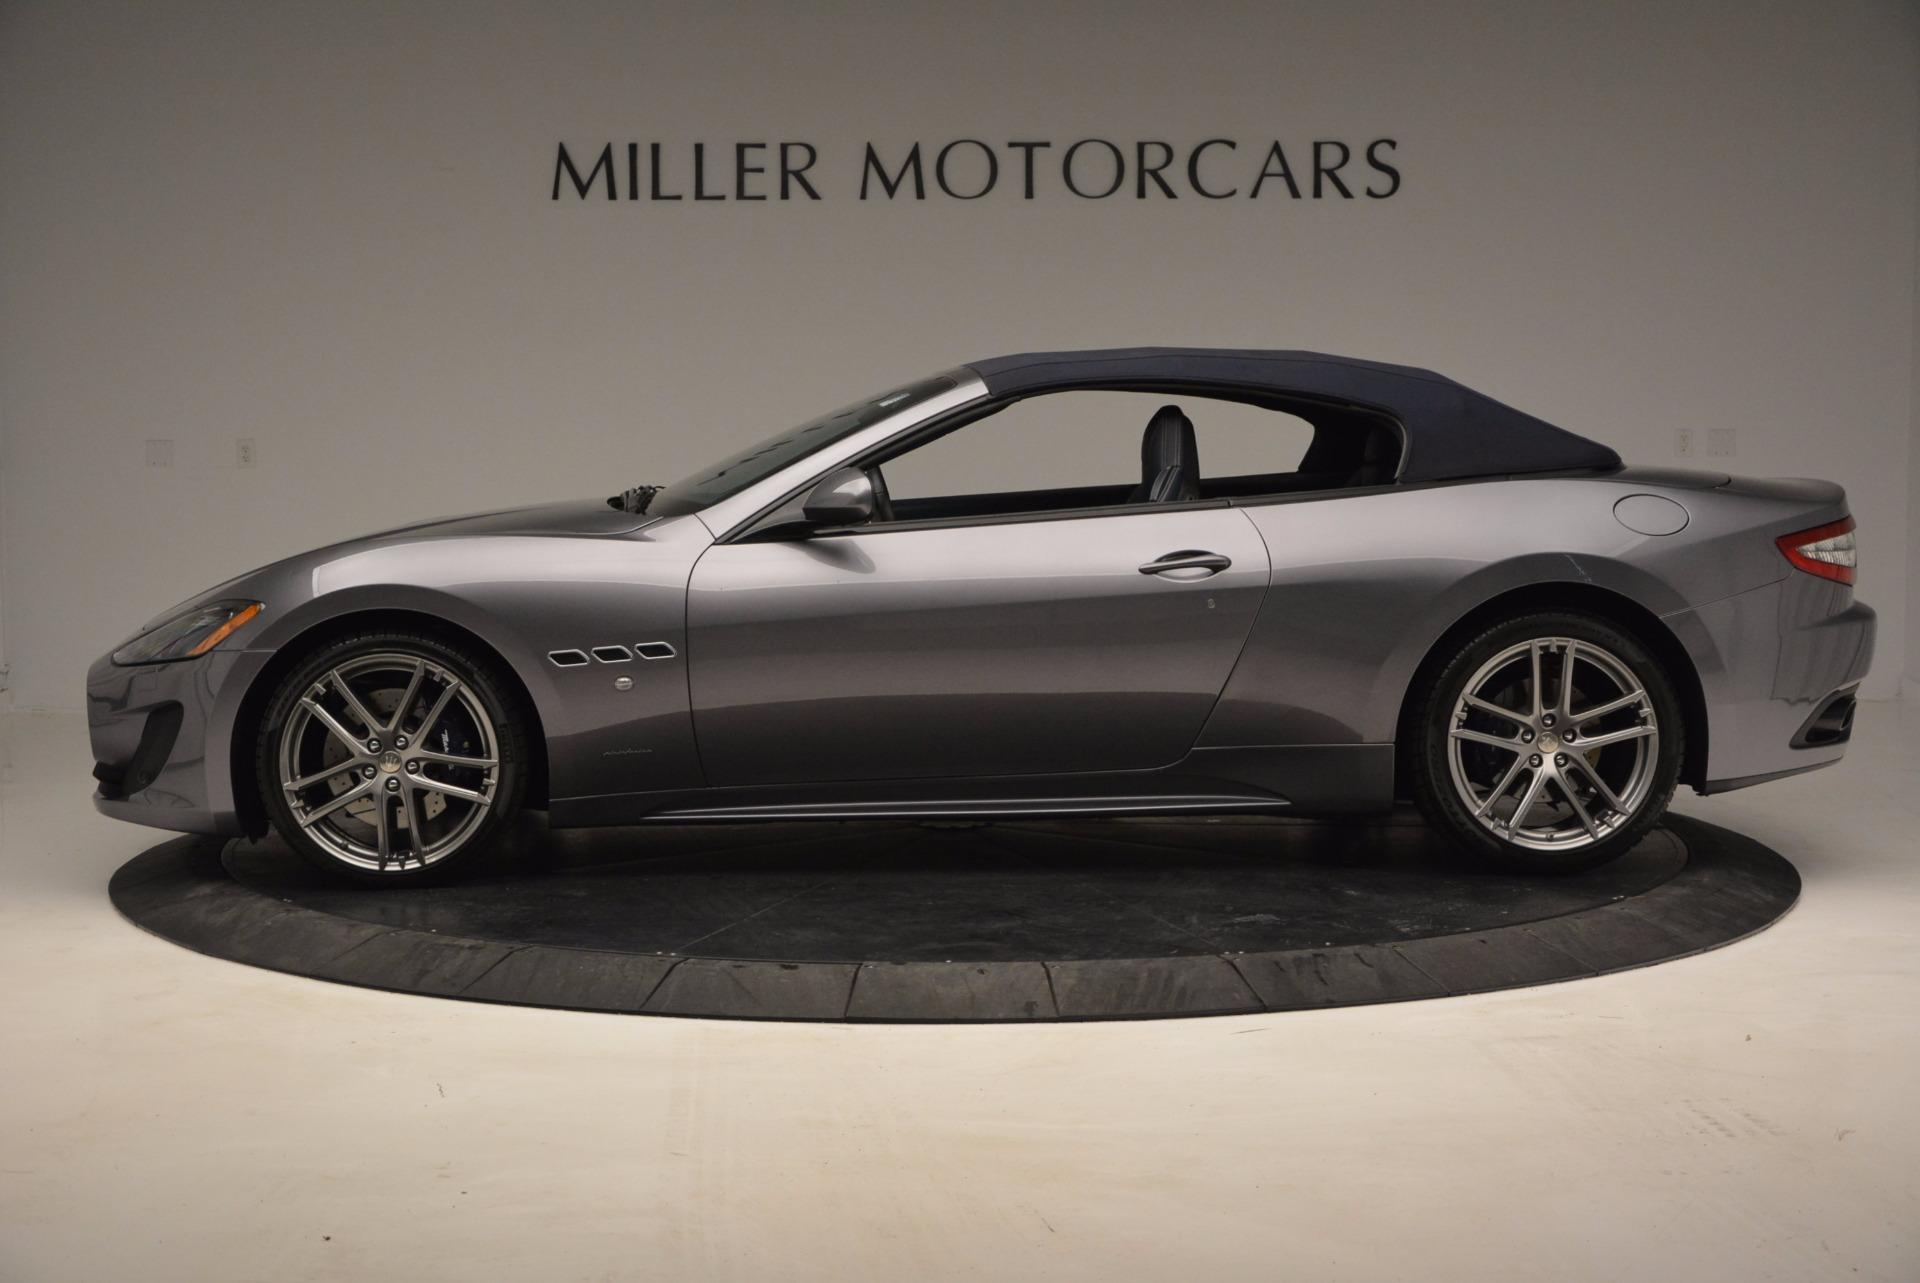 New 2017 Maserati GranTurismo Sport For Sale In Greenwich, CT 598_p13